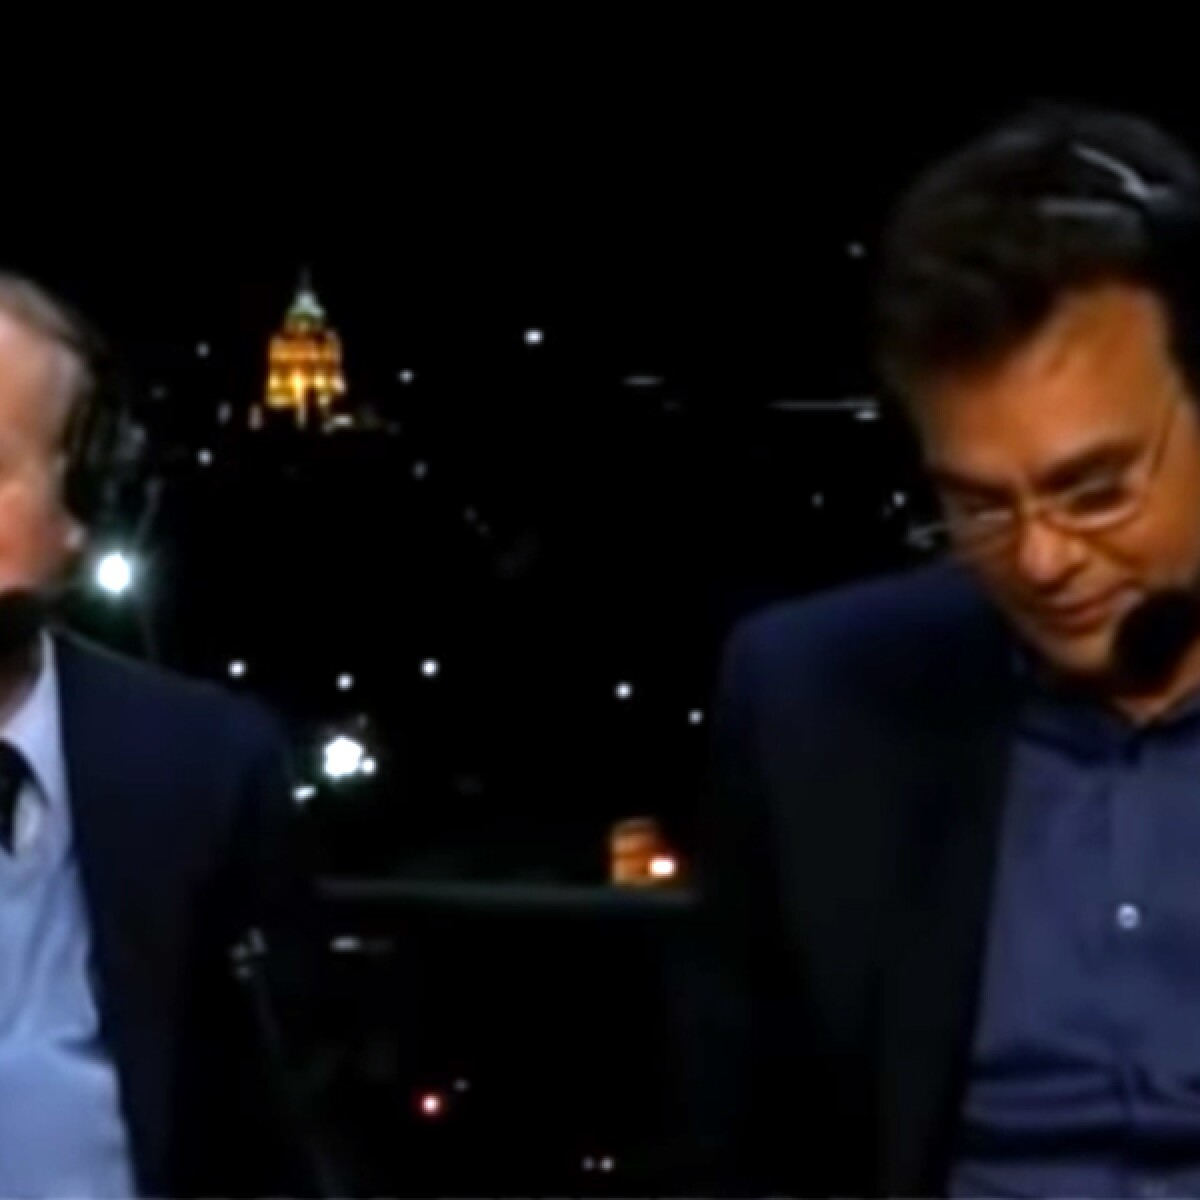 La reacción de José Ramón Fernández y David Faitelson al video de 'Zague'